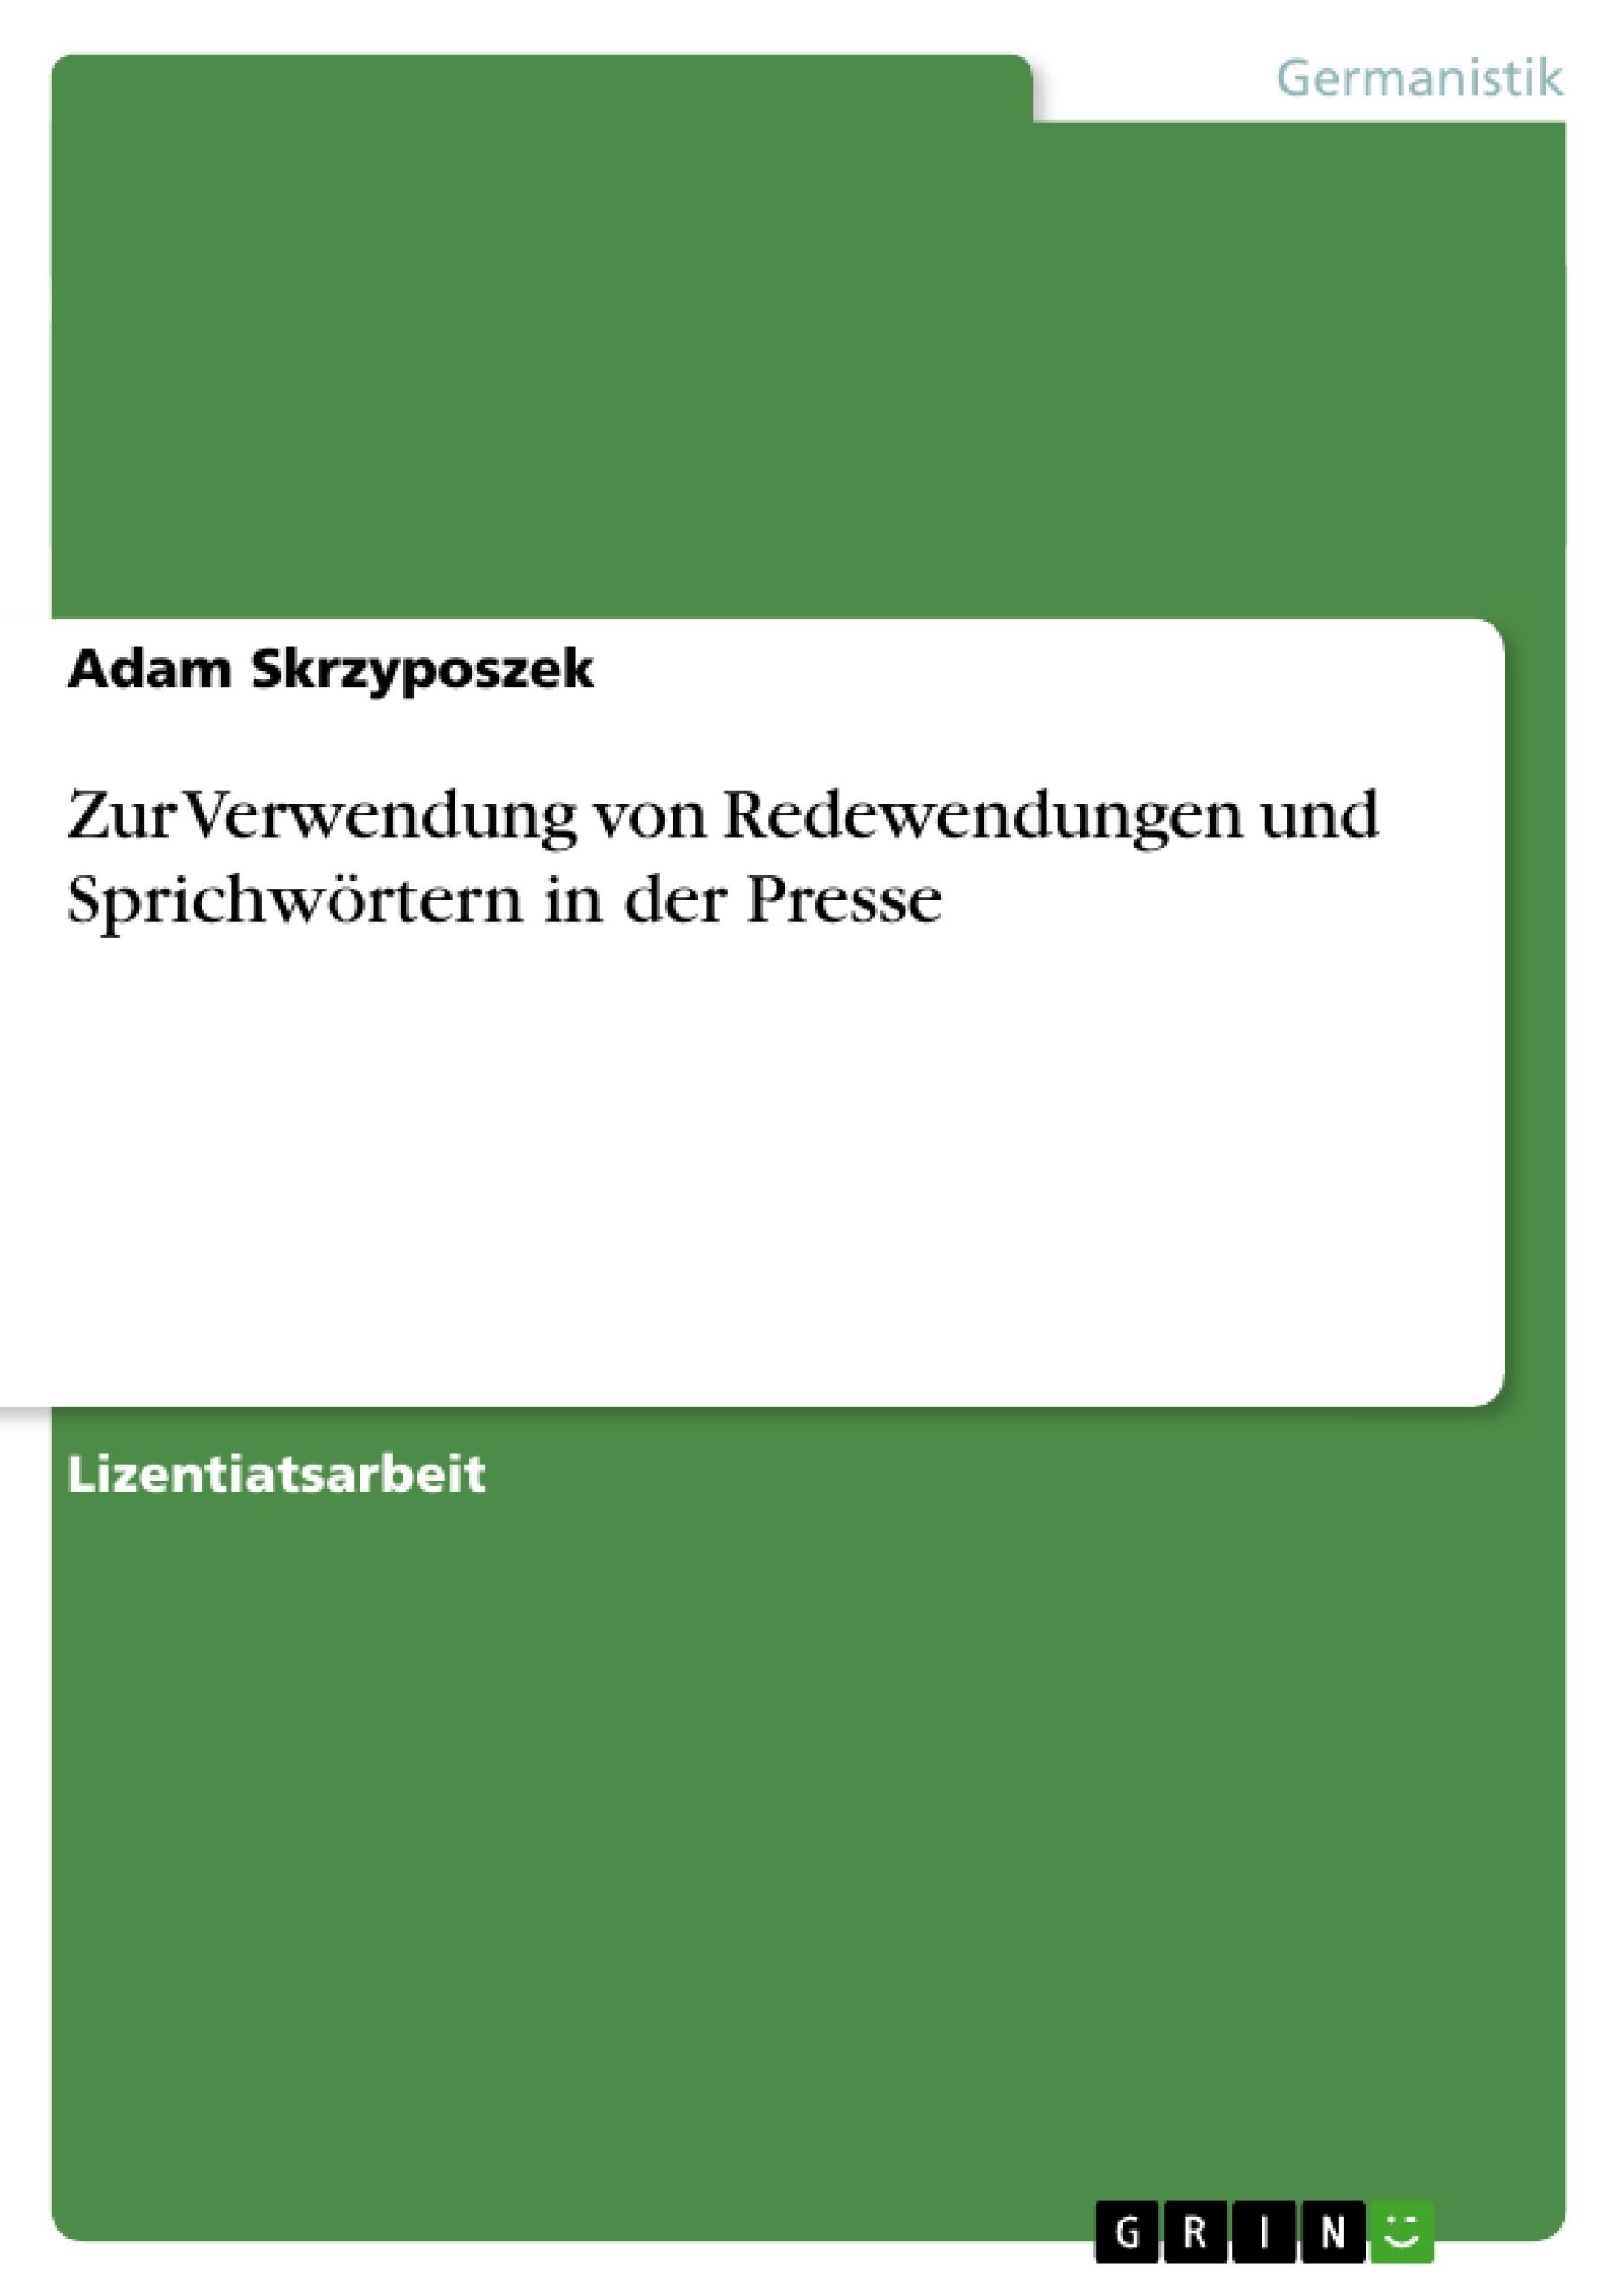 Titel: Zur Verwendung von Redewendungen und Sprichwörtern in der Presse